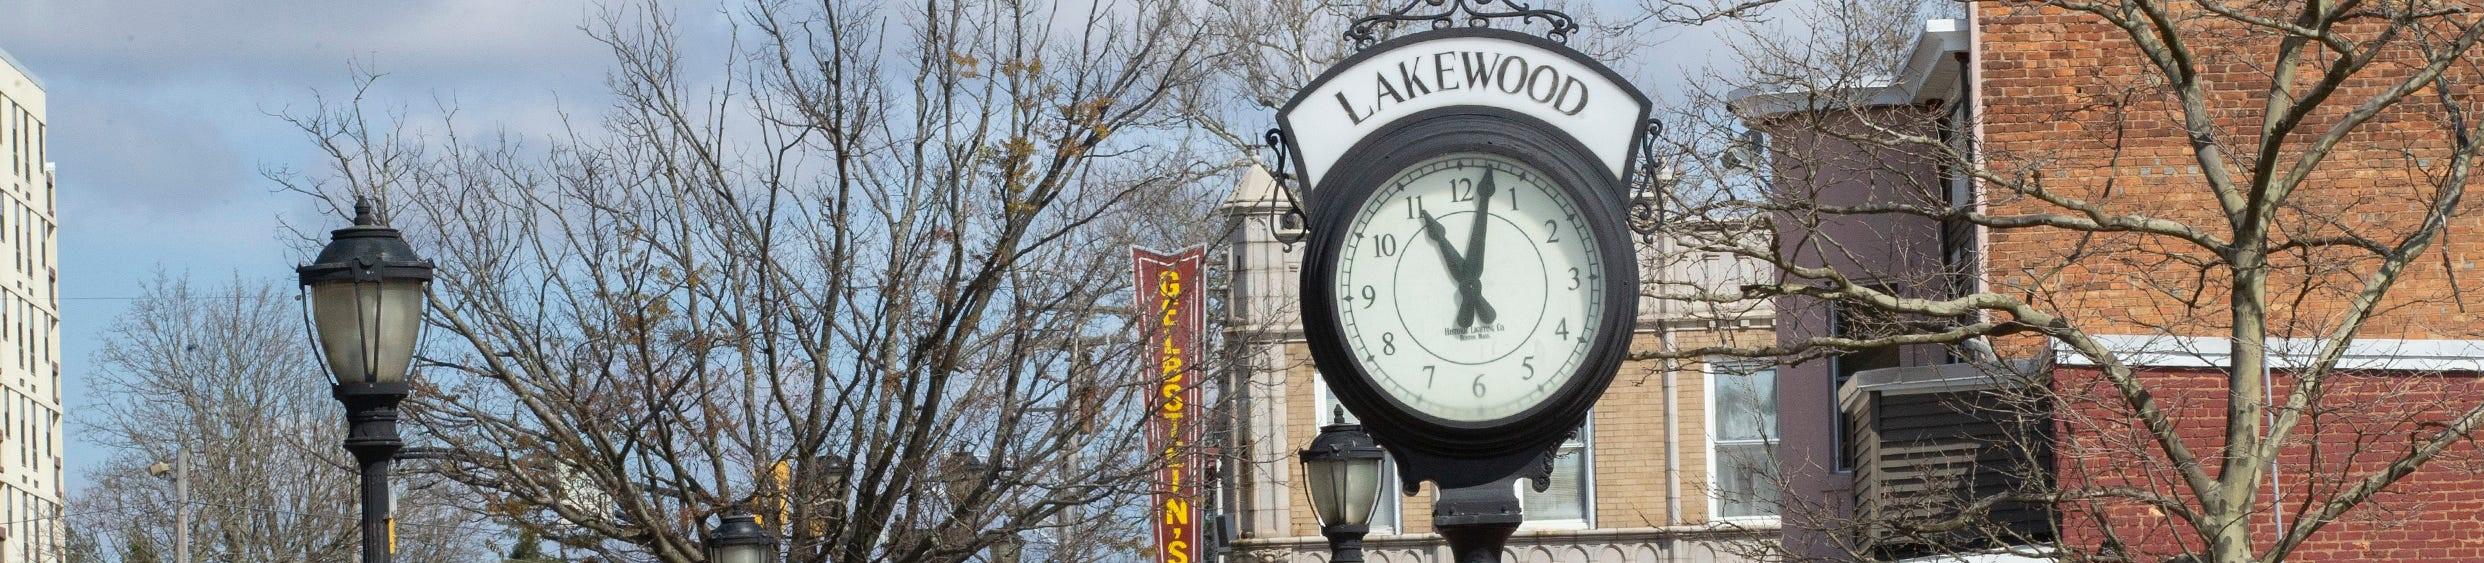 Lakewood Township, NJ